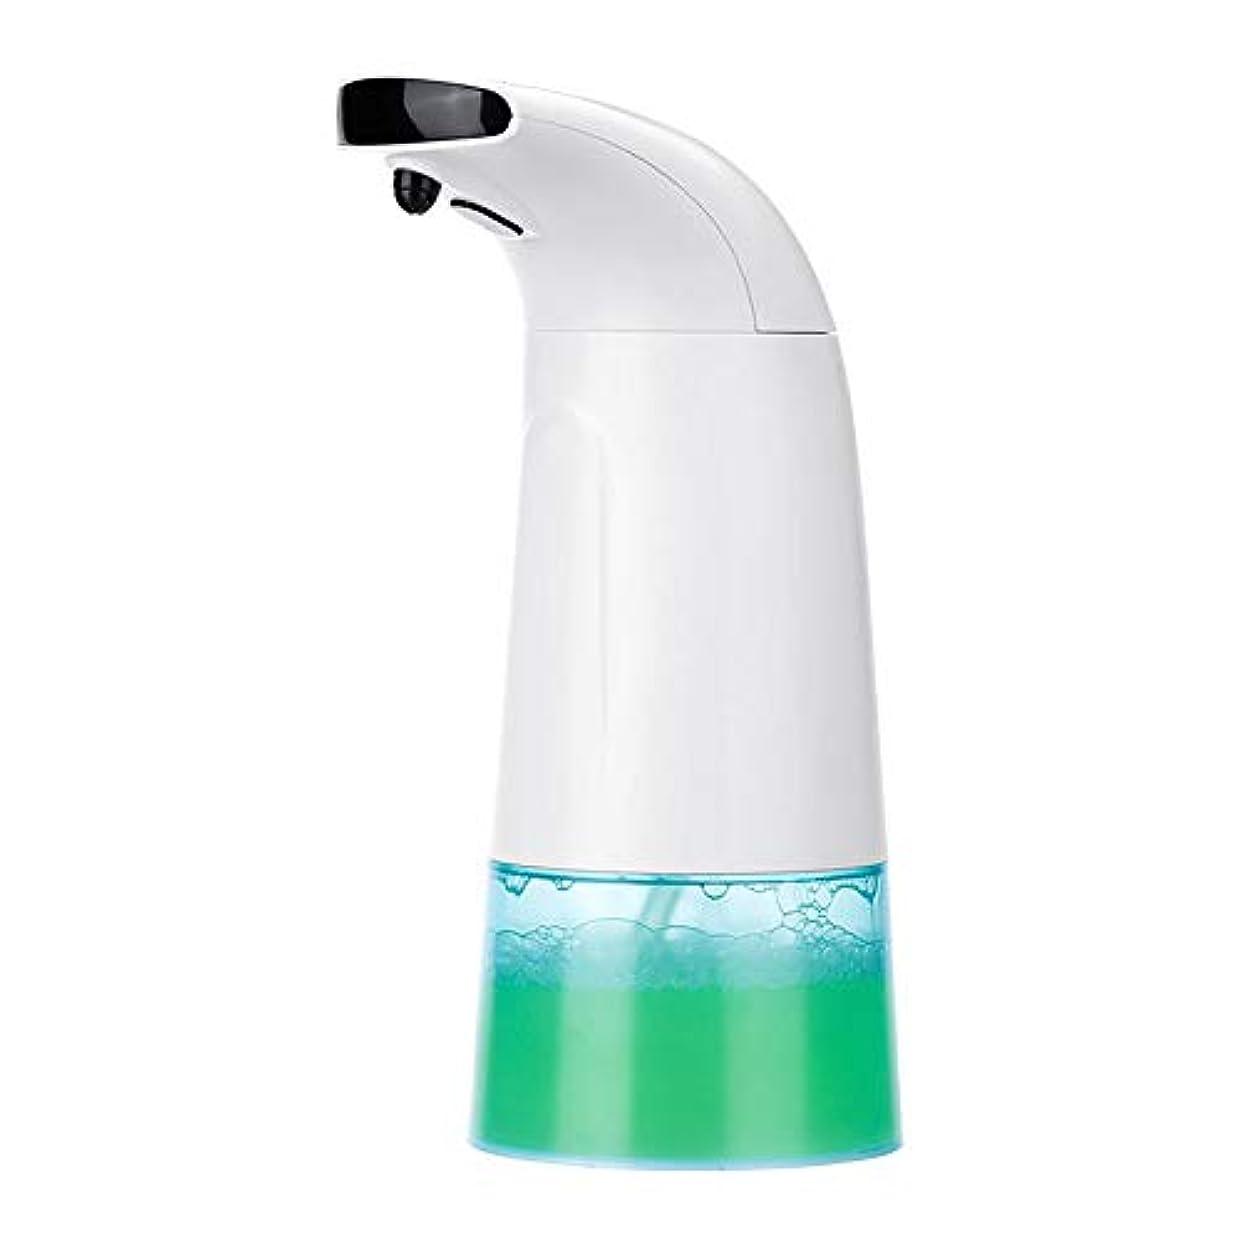 マニフェストクラック見捨てられた自動石鹸ディスペンサータッチレスモーションセンサー、浴室のための石鹸ディスペンサー台所のために理想的な自動手の消毒剤ホテルの休憩所洗面所の洗面所250ml容量